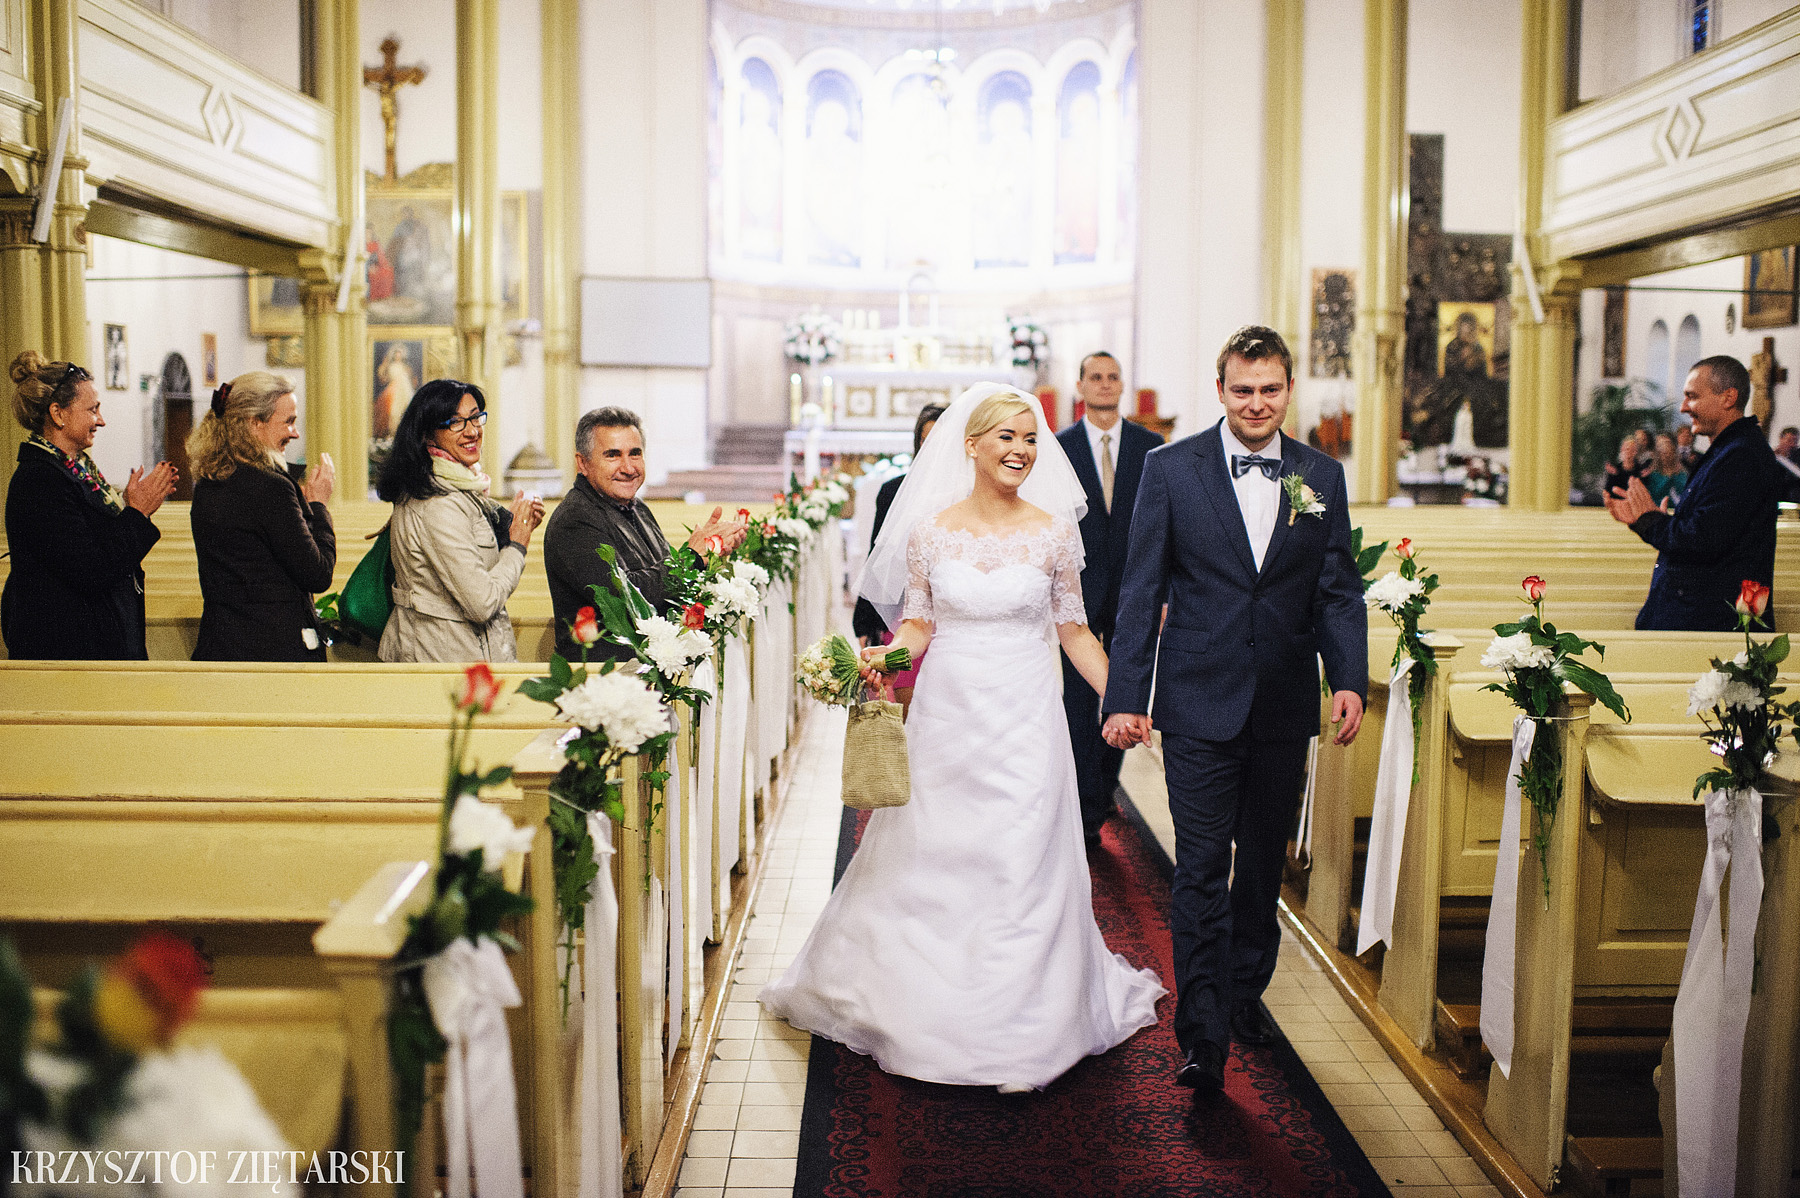 Agnieszka i Jacek - Fotografia ślubna Słupsk, kościół NSJ, wesele Gościniec Młyn Słupski, plener ślubny w Gdyni - 26.